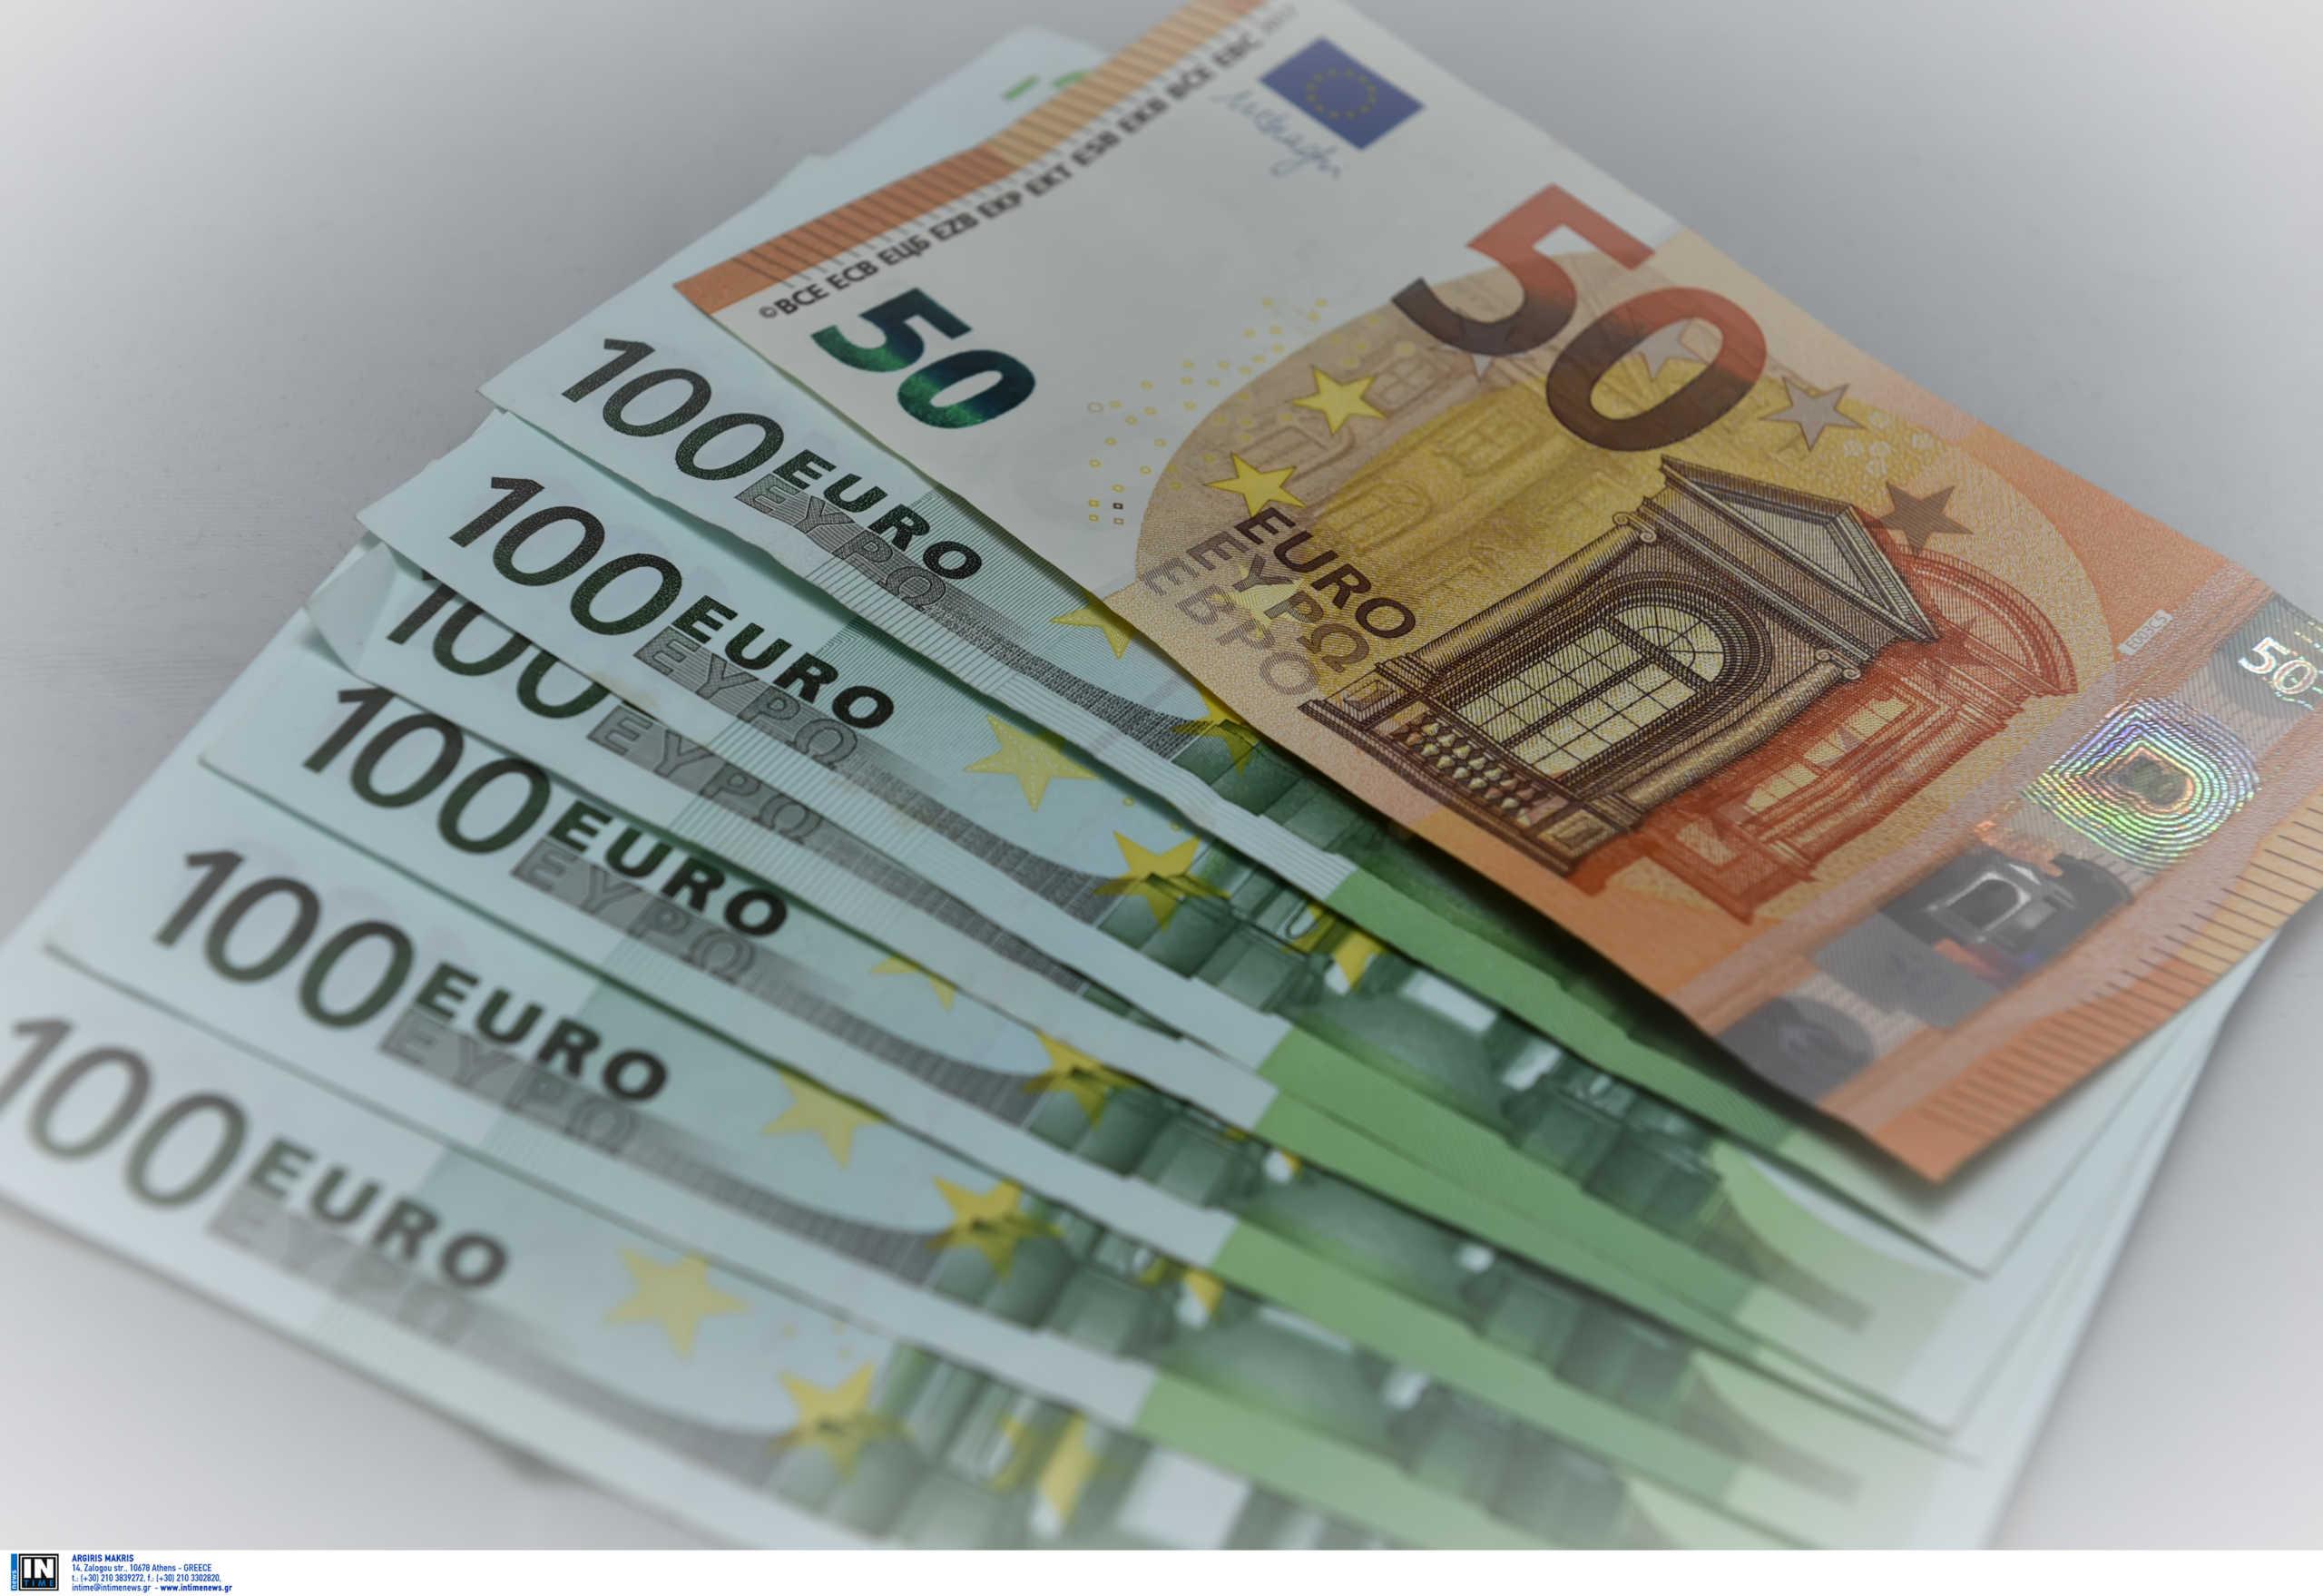 Δράμα: Η κατάθεση 3.000 ευρώ στον τραπεζικό της λογαριασμό δρομολόγησε τη σύλληψή της